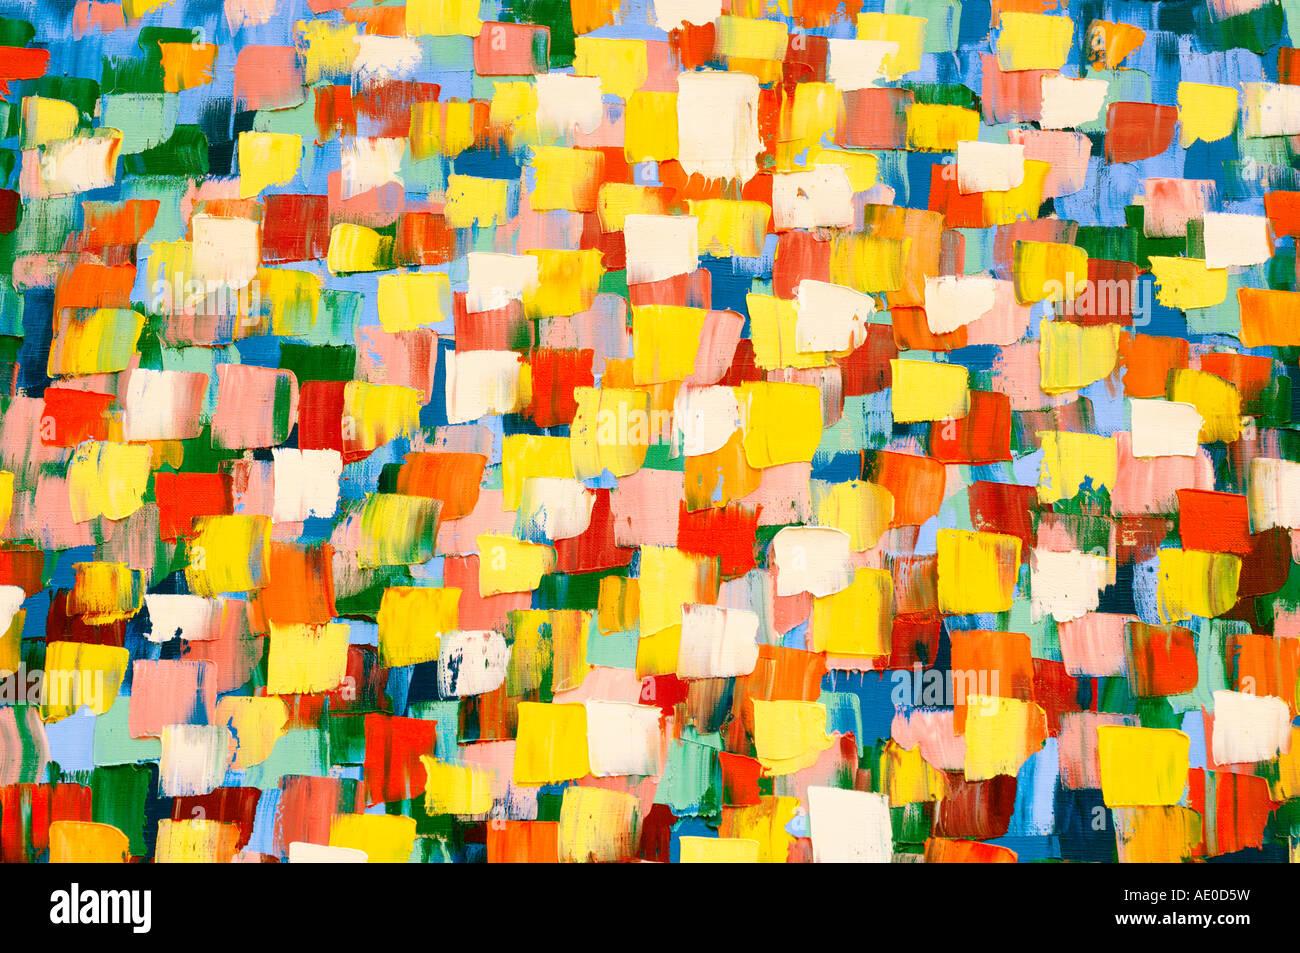 Résumé dans la peinture à l'huile psychédélique couleurs jaune vif Photo Stock